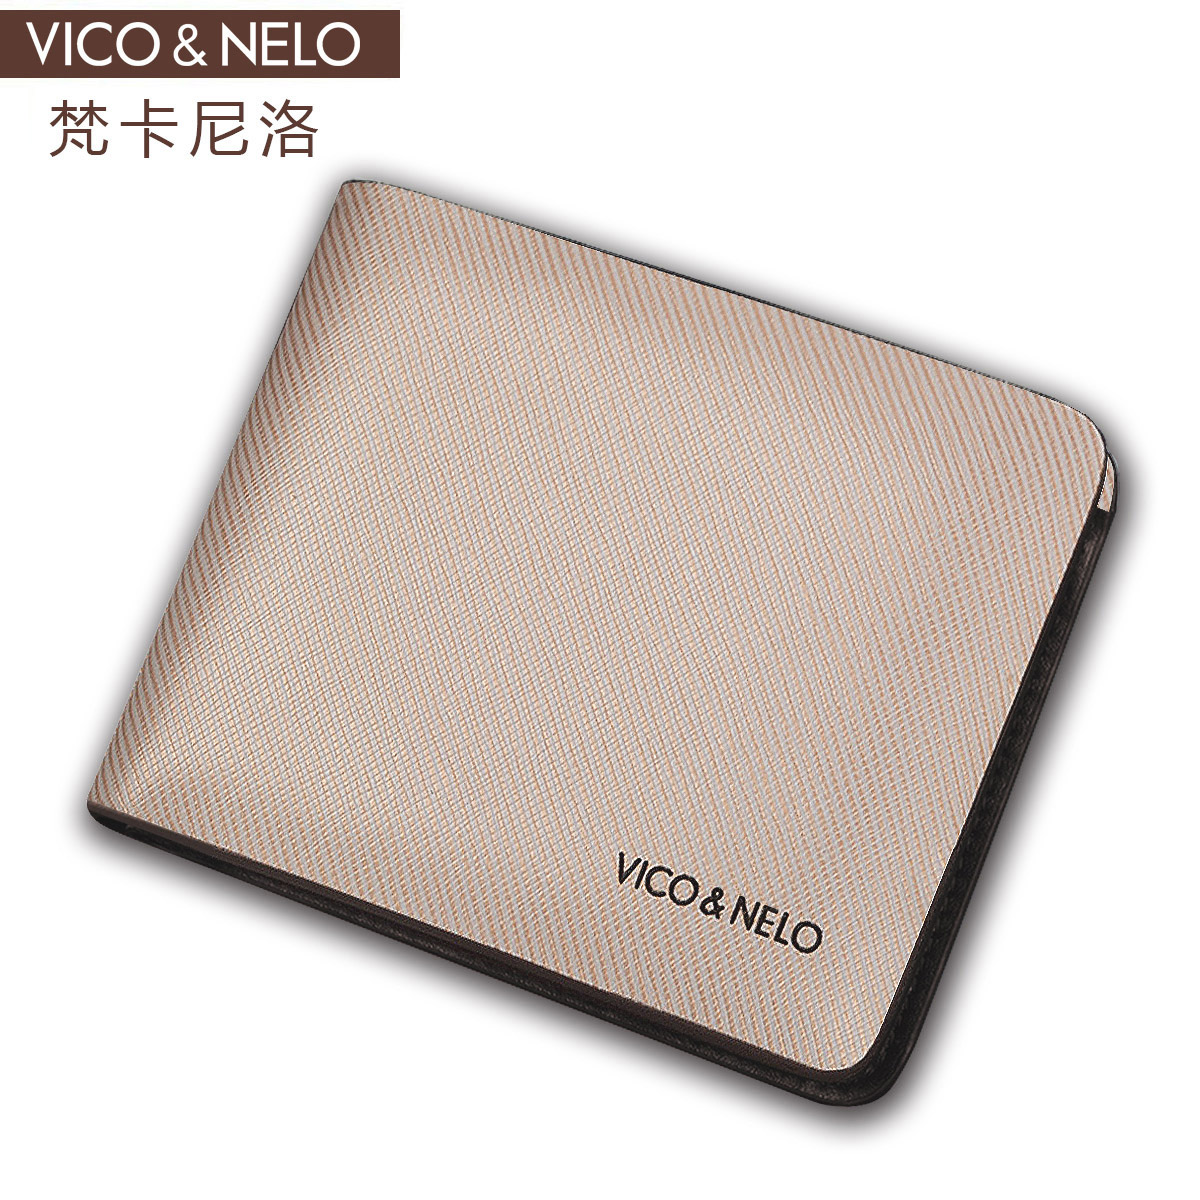 梵卡尼洛旗舰店_vico&nelo 梵卡尼洛品牌